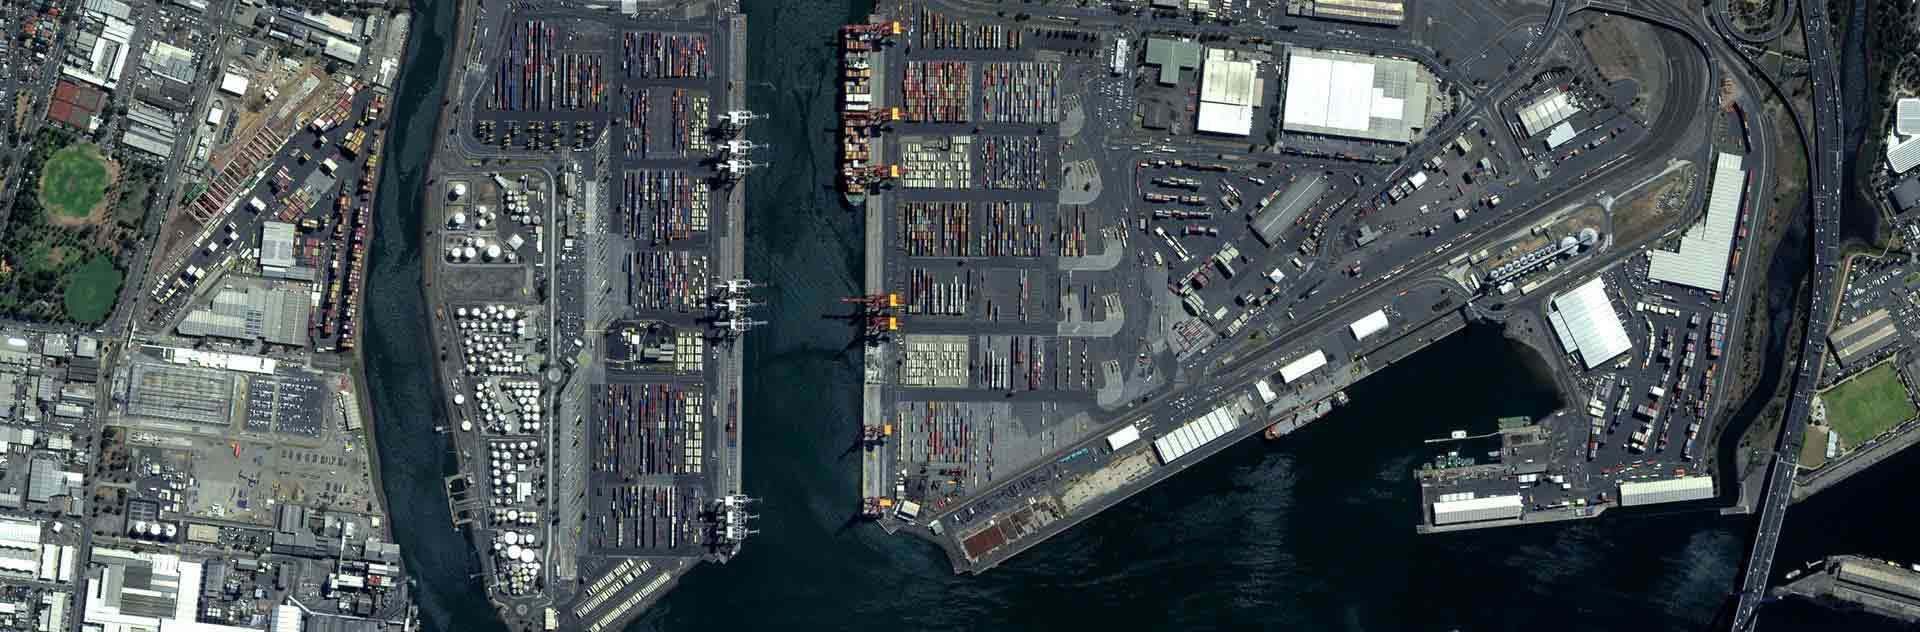 Vision-1 Satellite Image - Melbourne, Australia